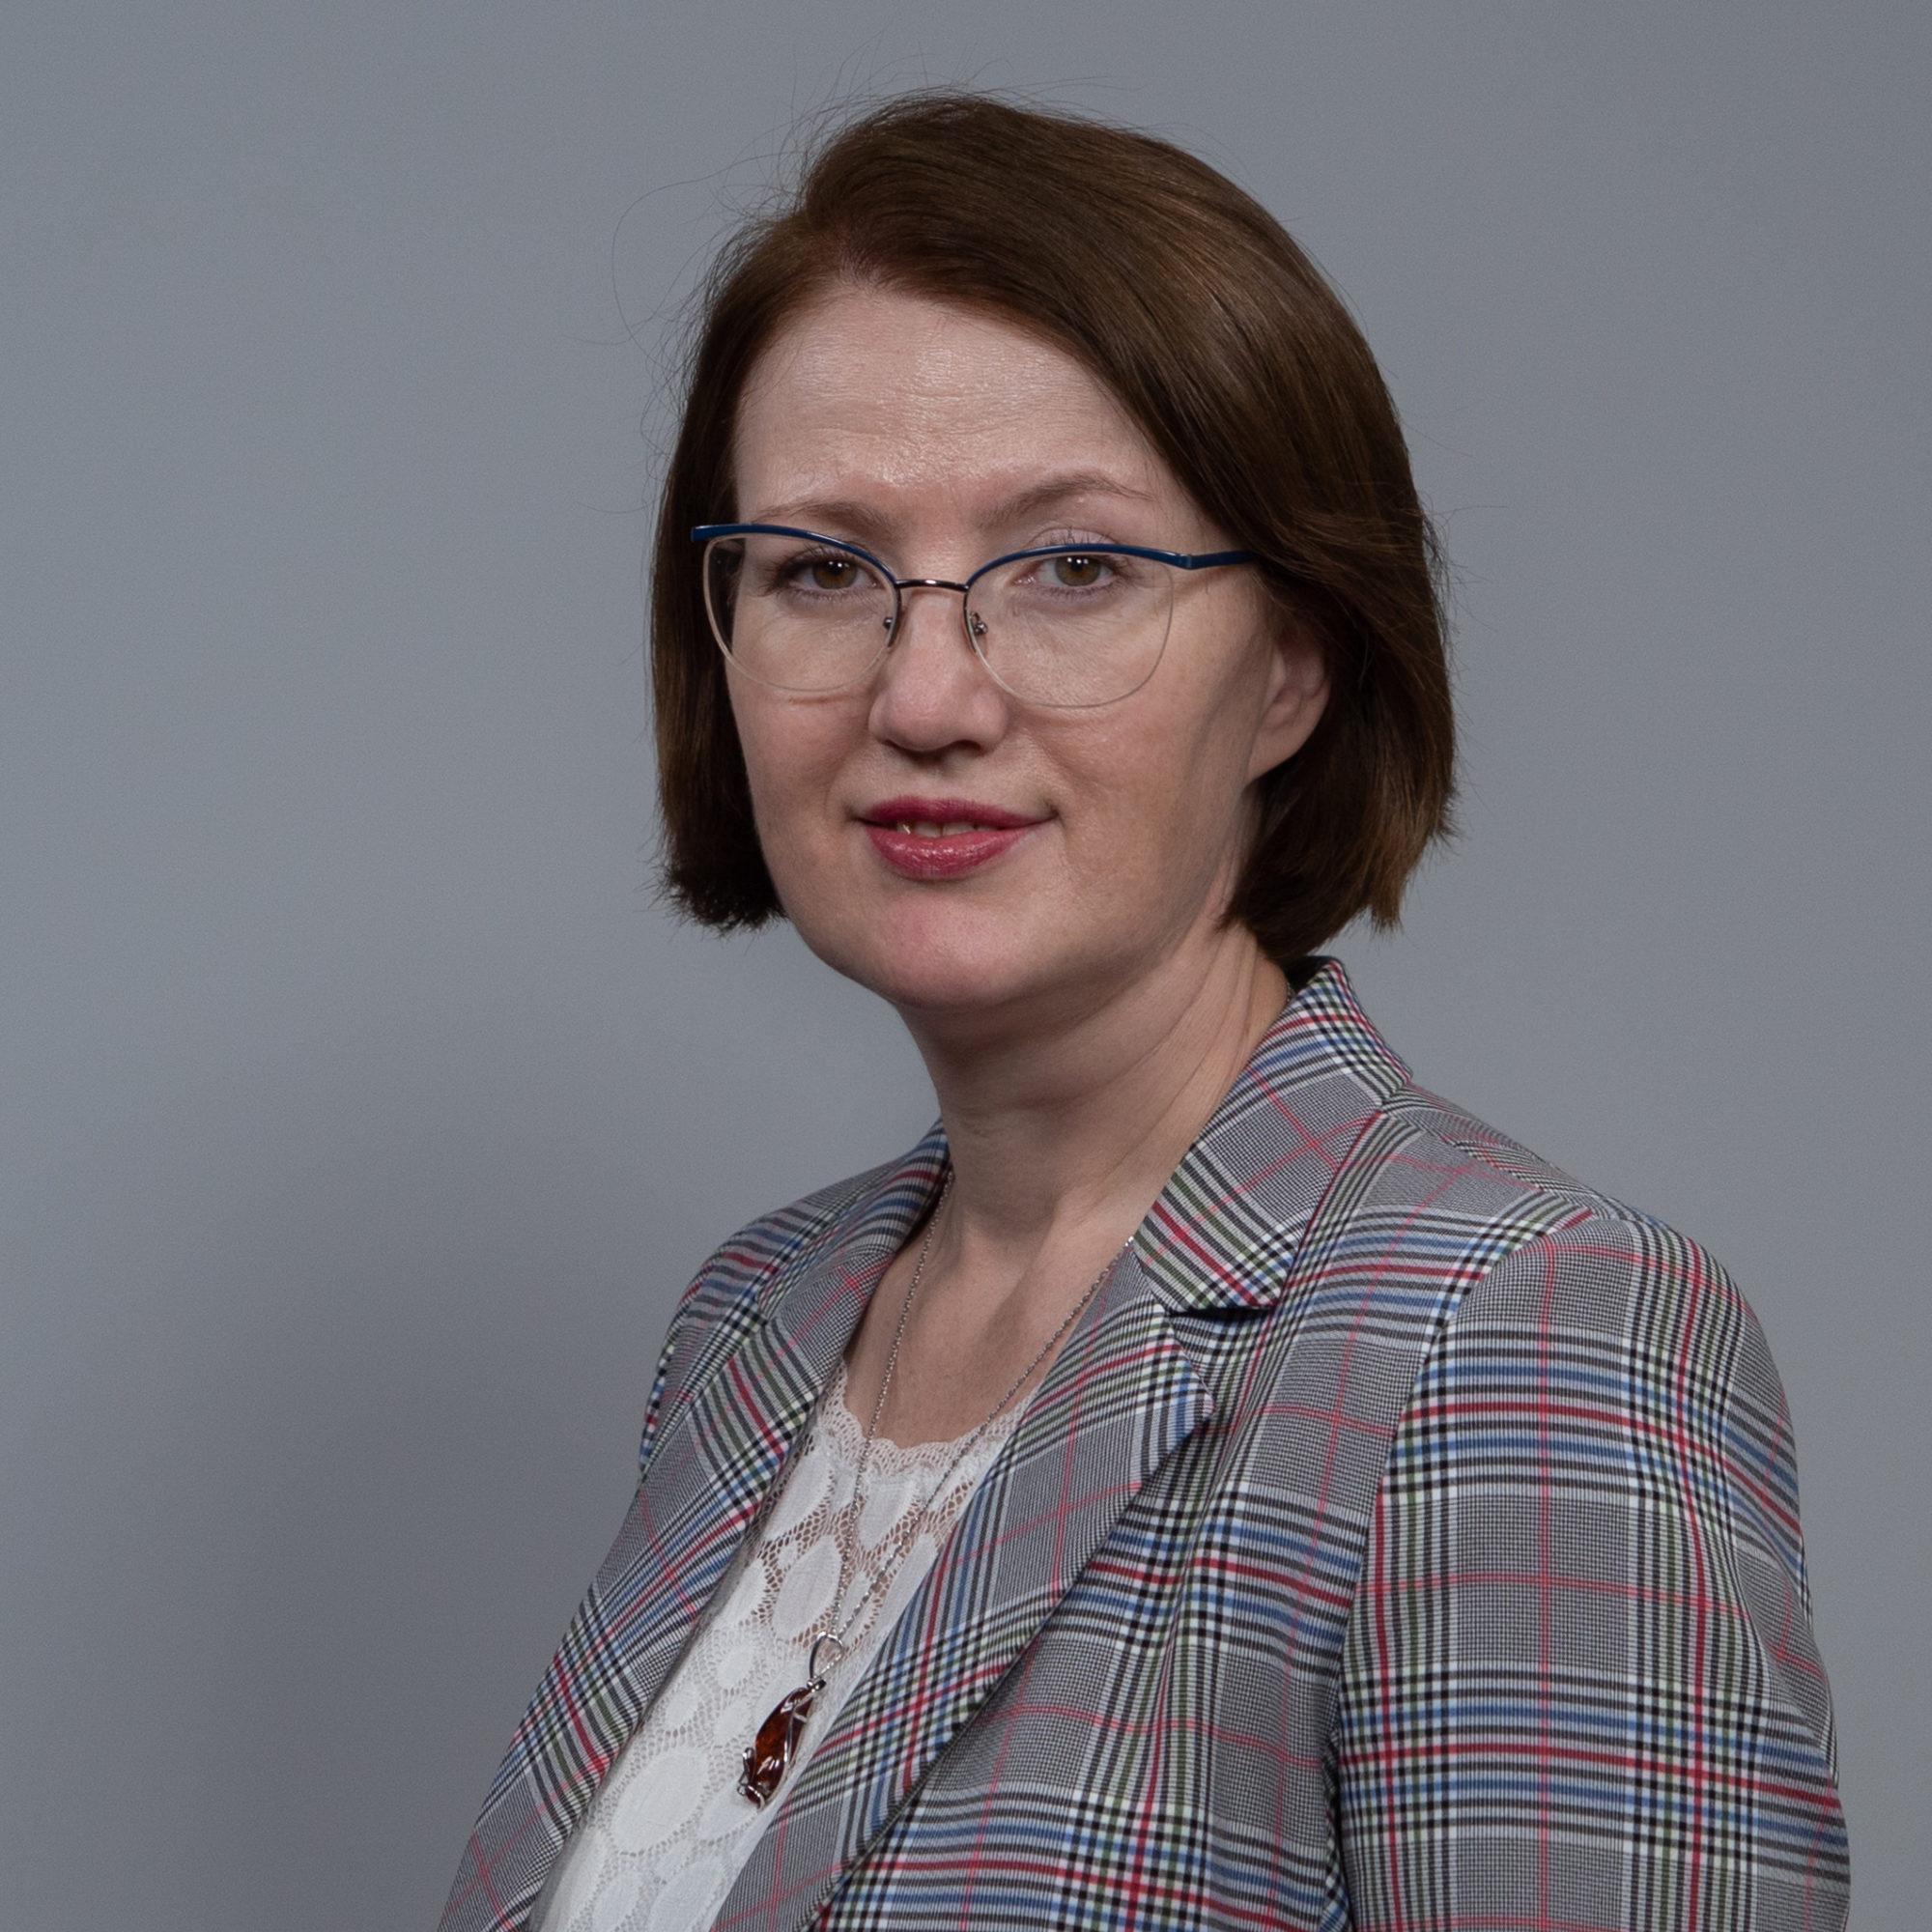 Olga Klyuchko